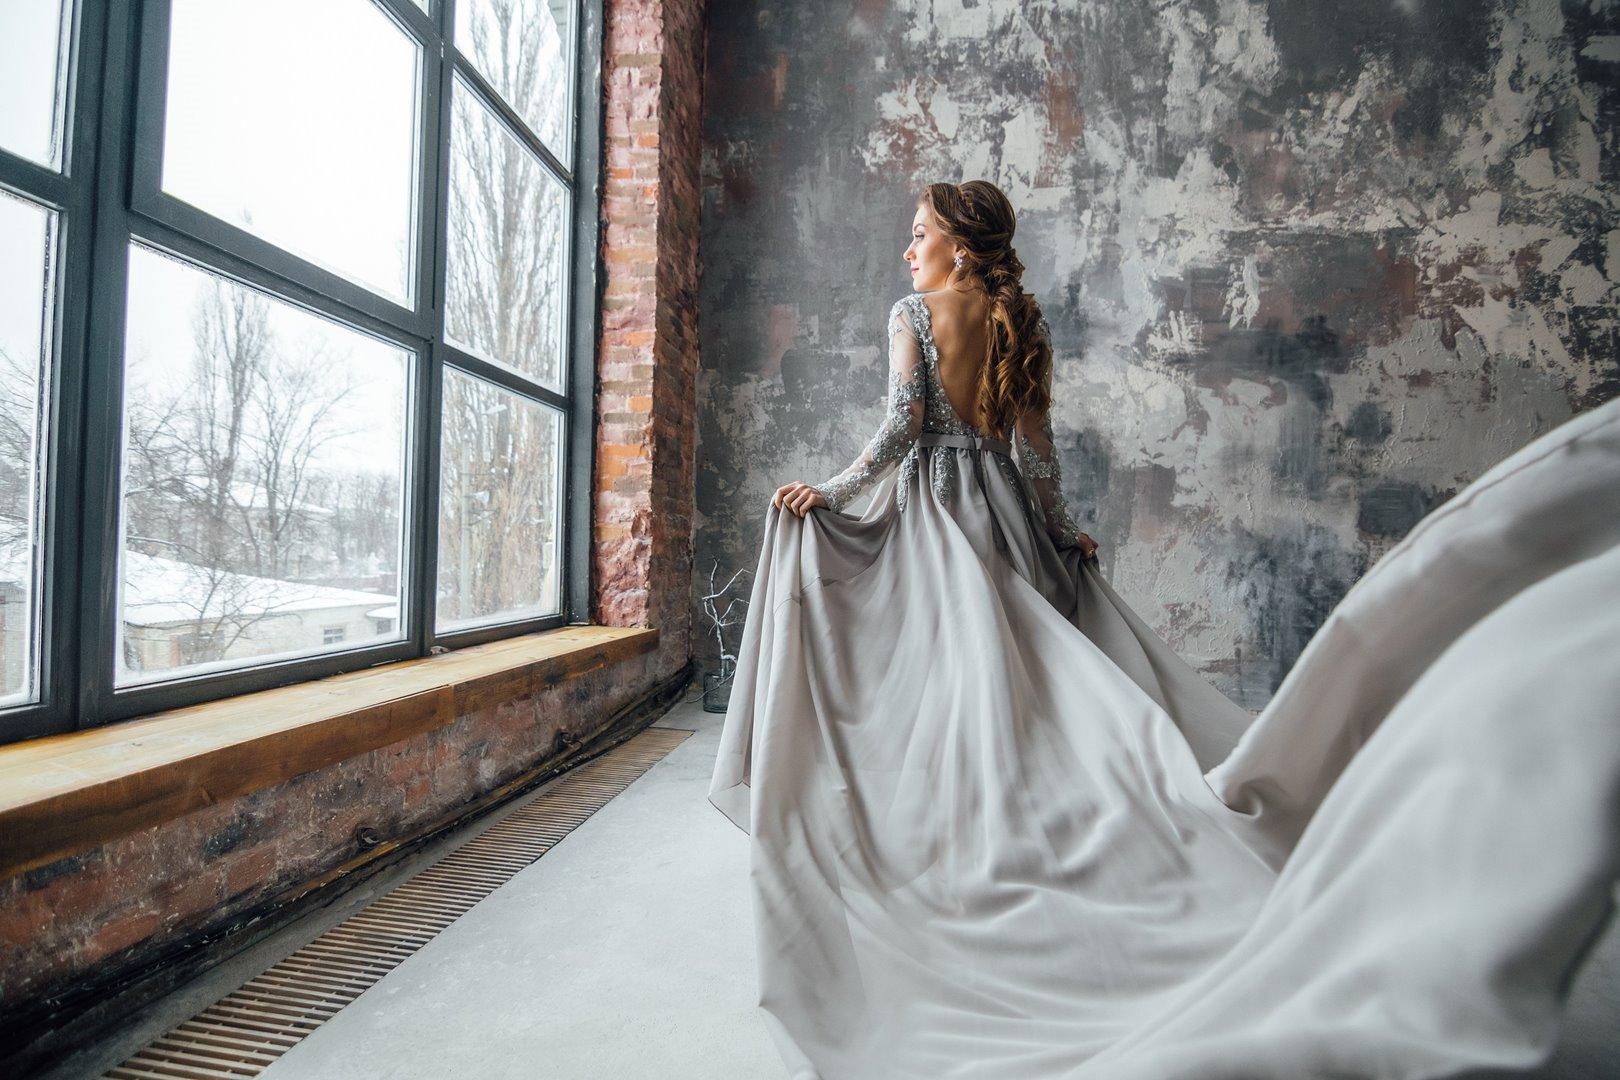 Femme en robe grise regardant par la fenêtre